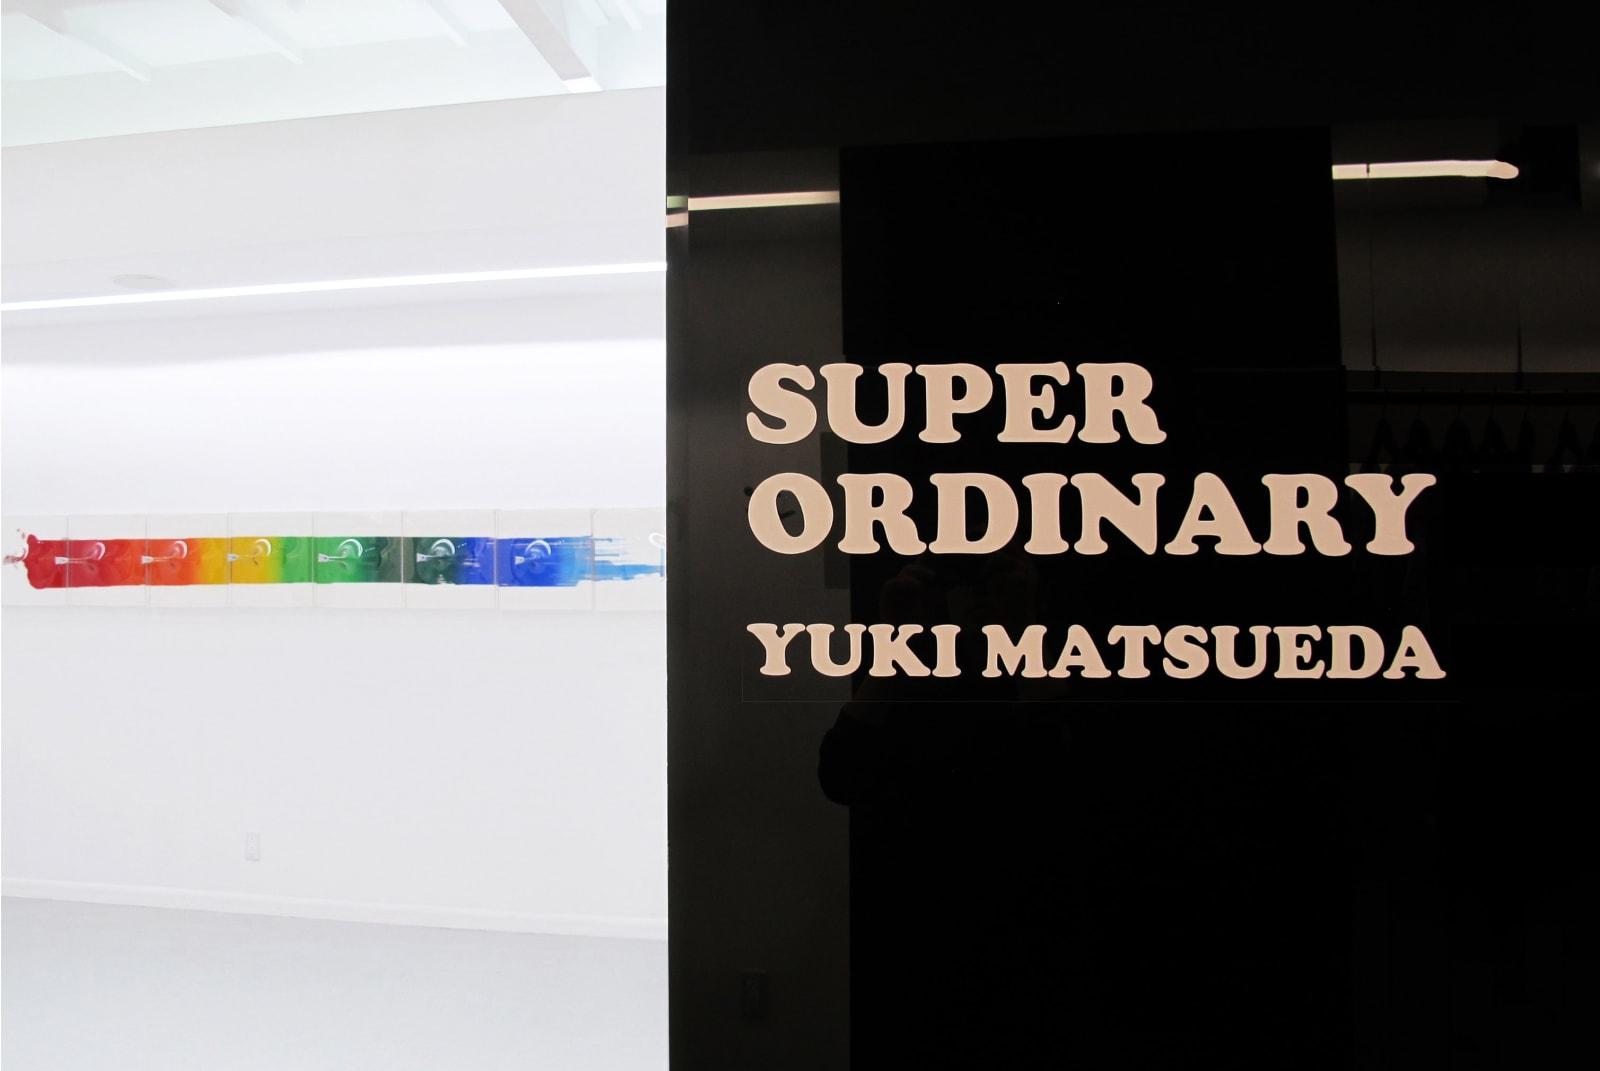 Yuki Matsueda - Super Ordinary